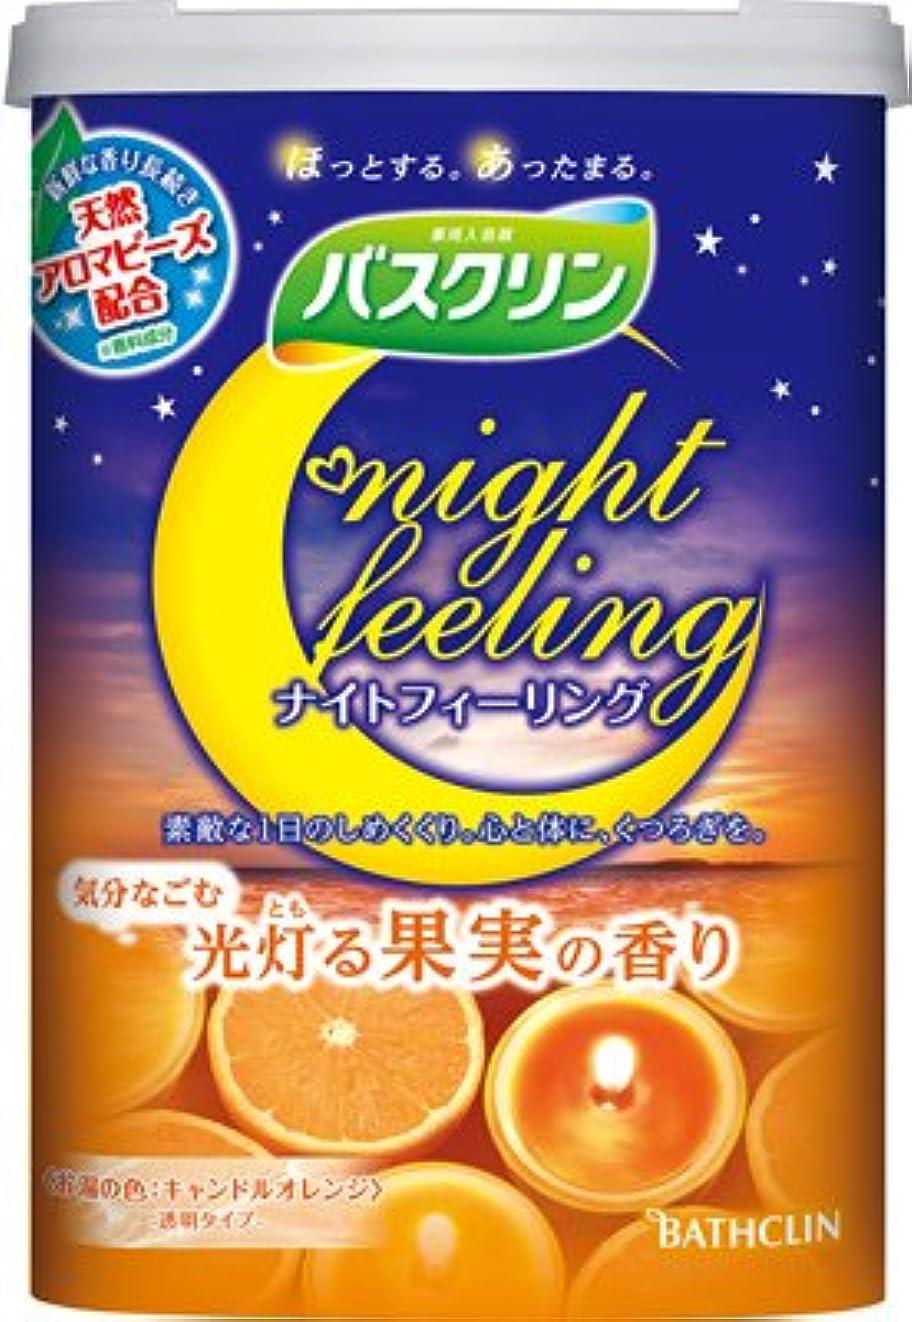 開始スクランブル敬意を表するバスクリン ナイトフィーリング 気分なごむ光灯る果実の香り 600g × 15個セット